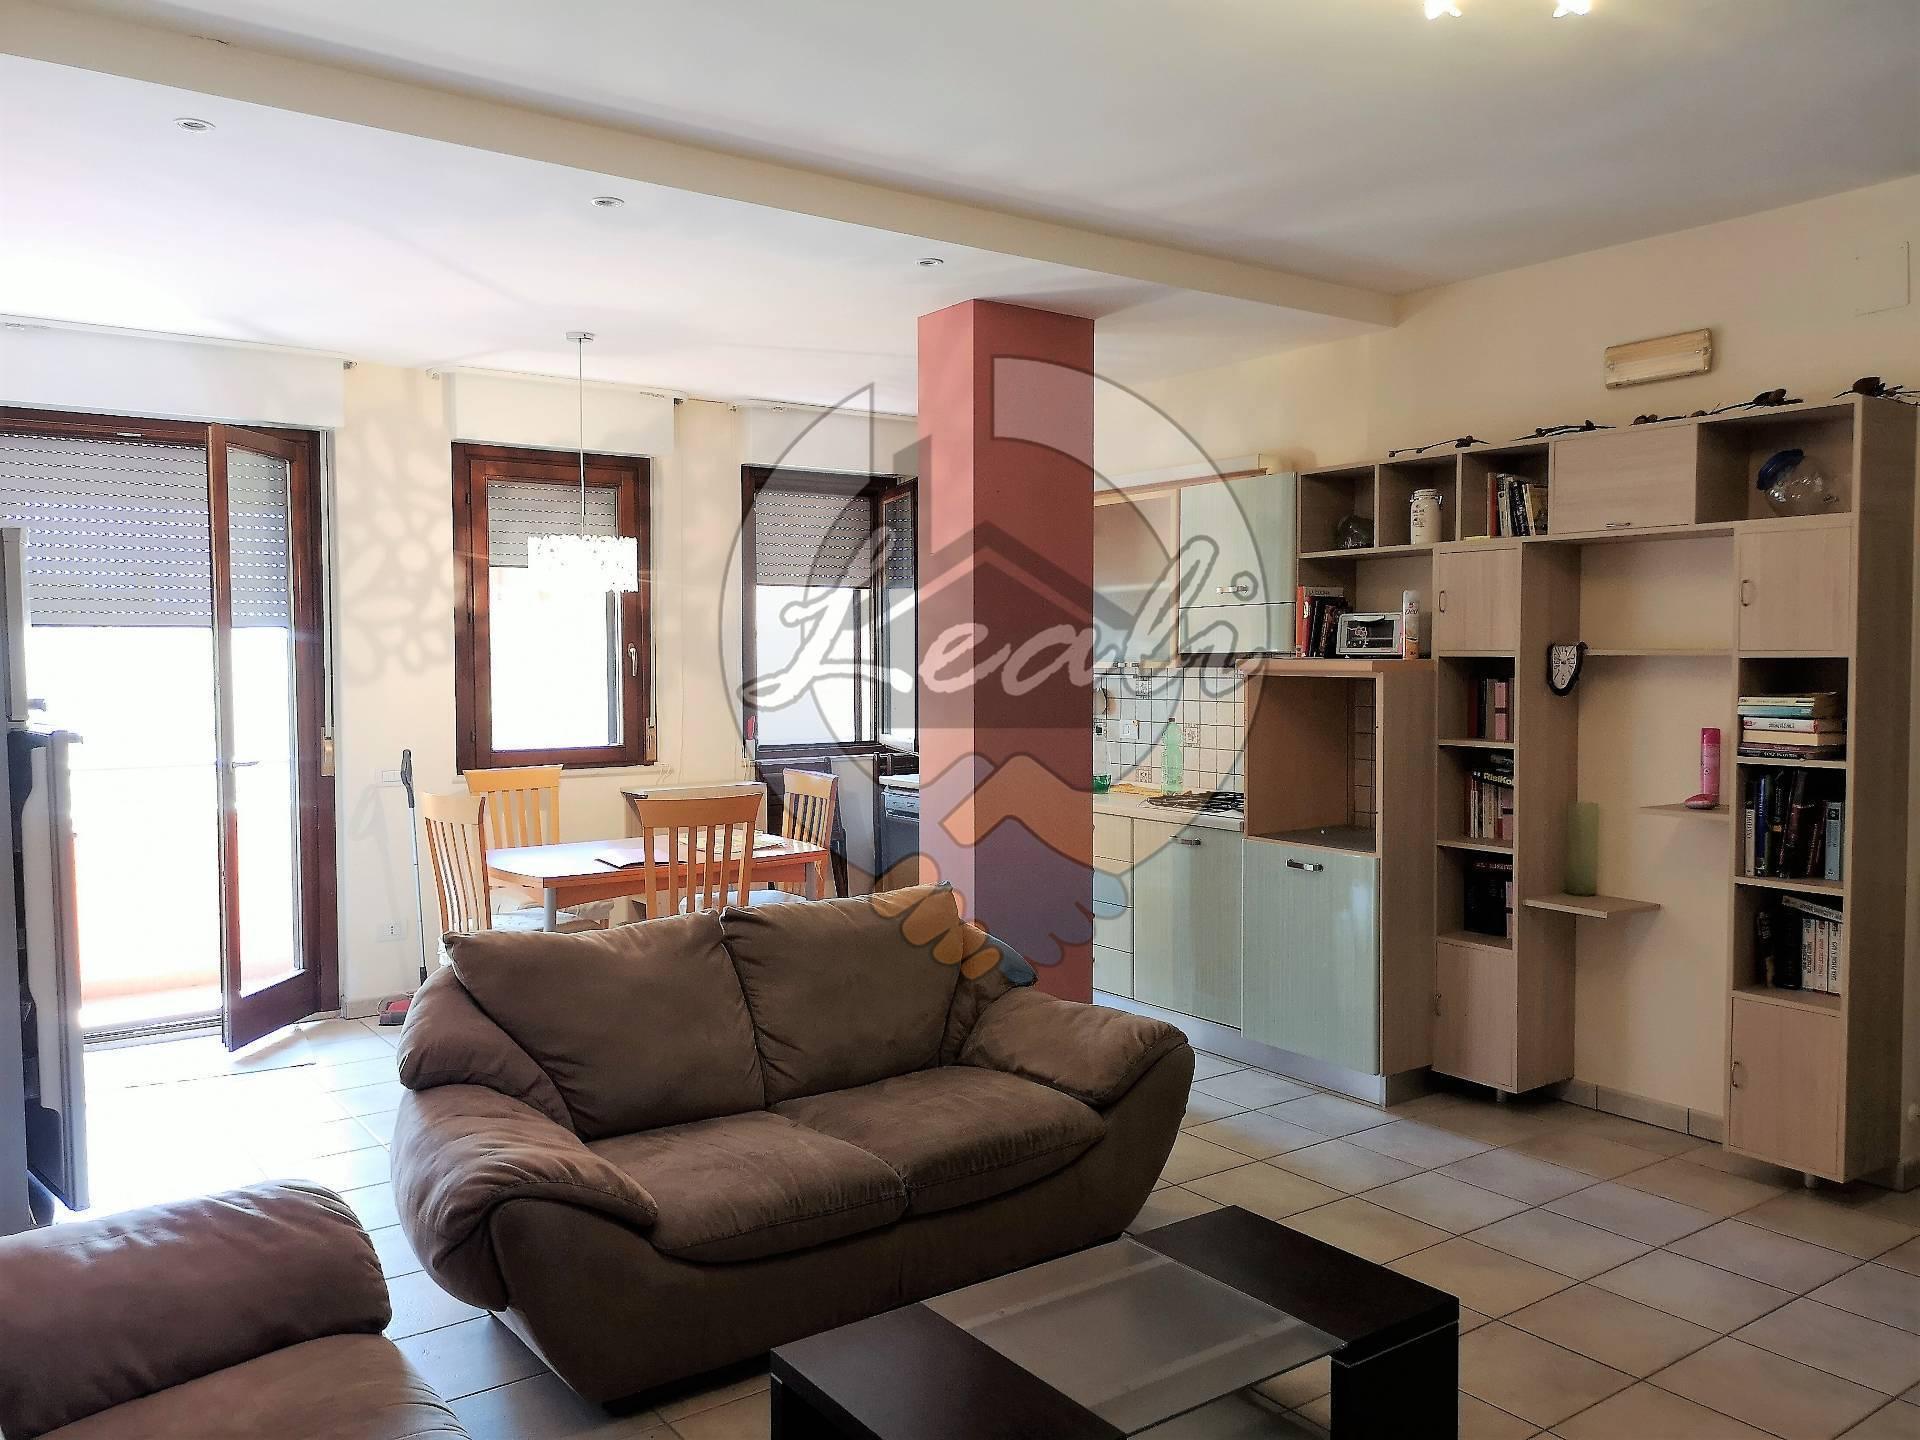 Appartamento in vendita a Montegiorgio, 3 locali, prezzo € 105.000 | CambioCasa.it